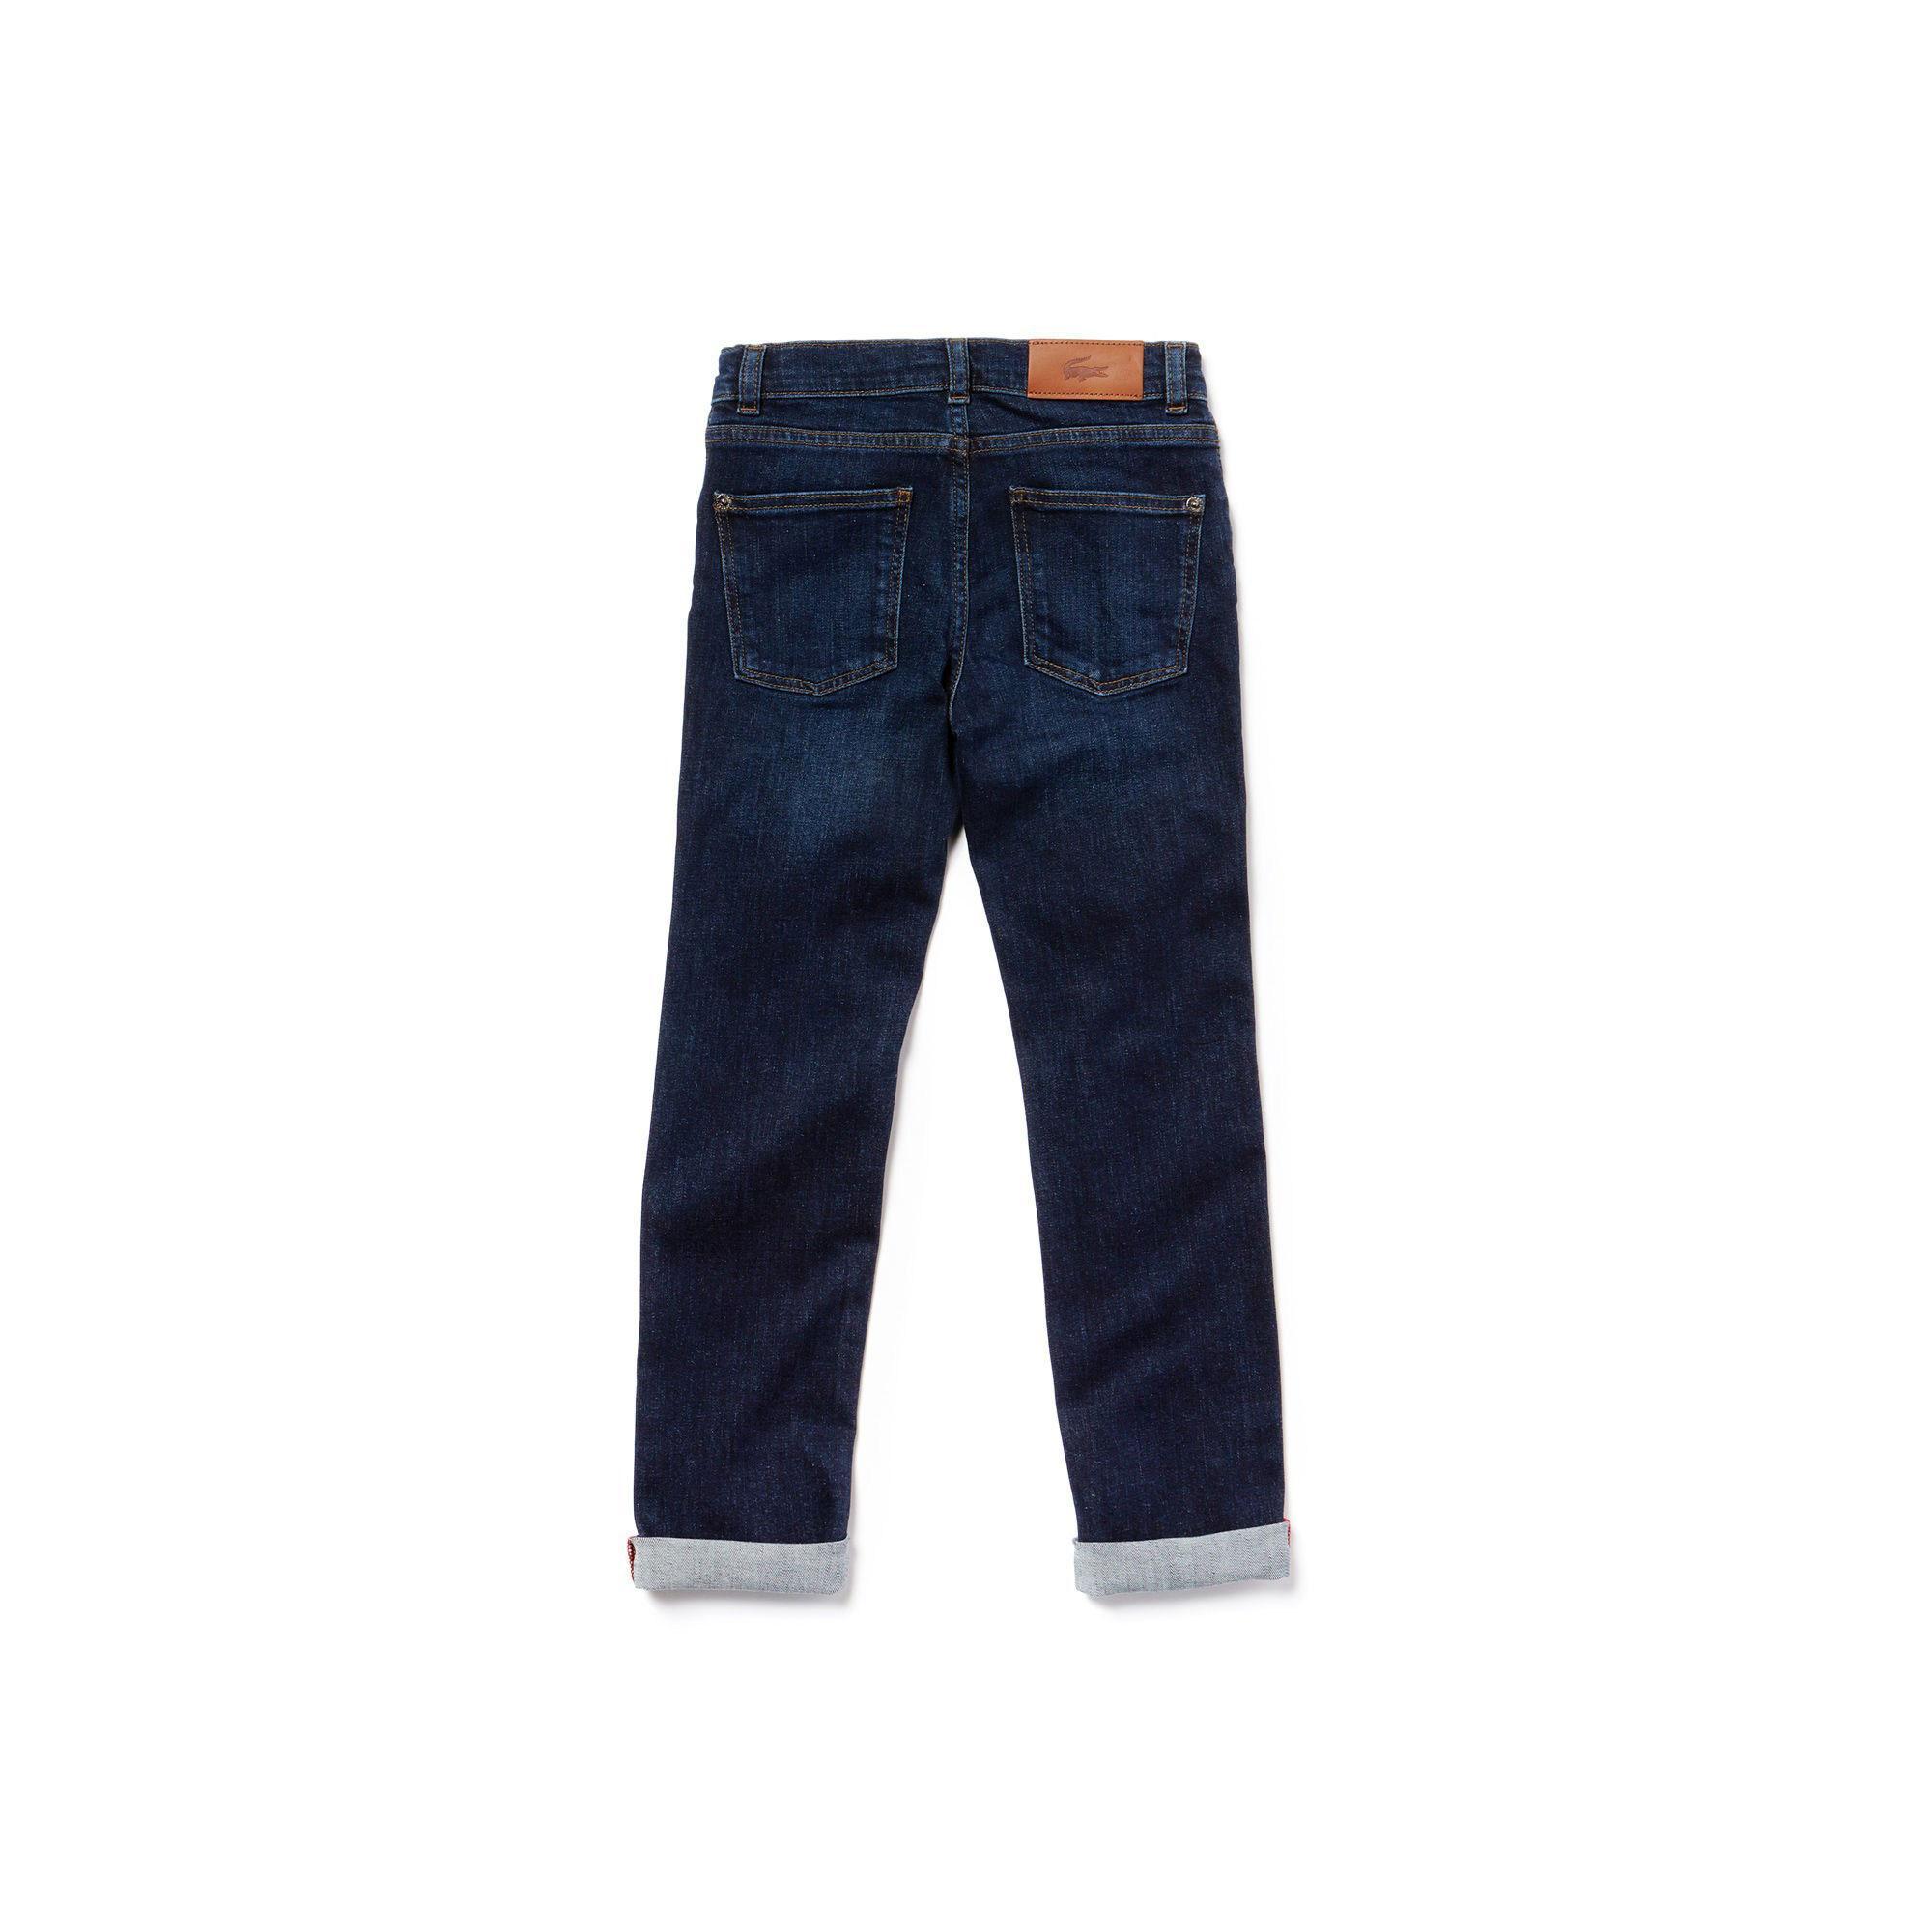 Lacoste Spodnie Dziecięce